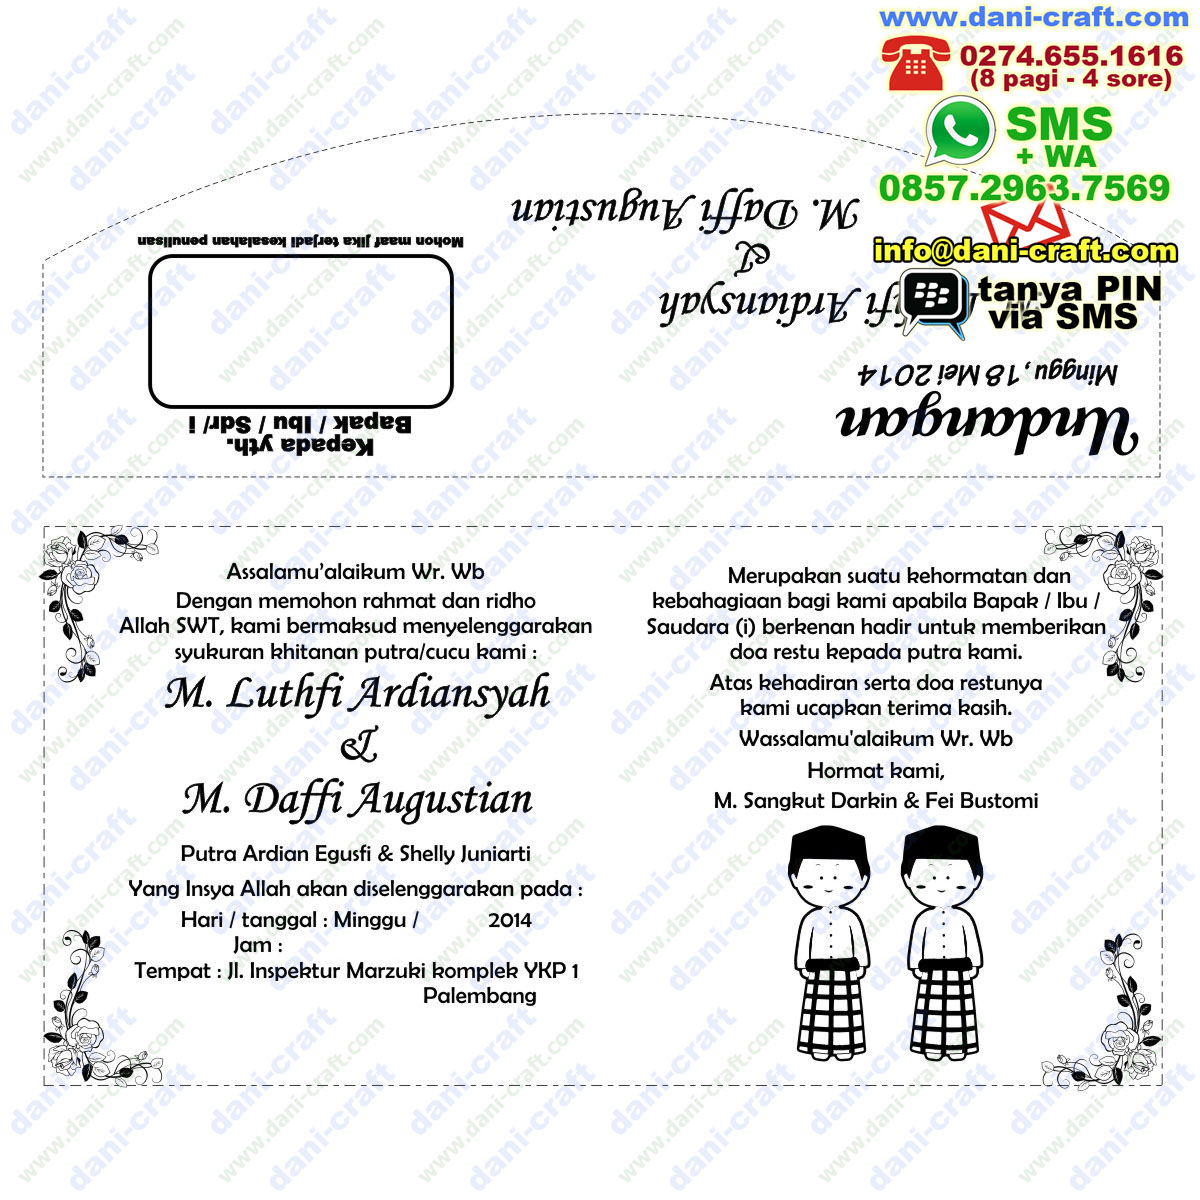 Undangan Khitanan Unik Murah Undangan Sunatan Souvenir Pernikahan